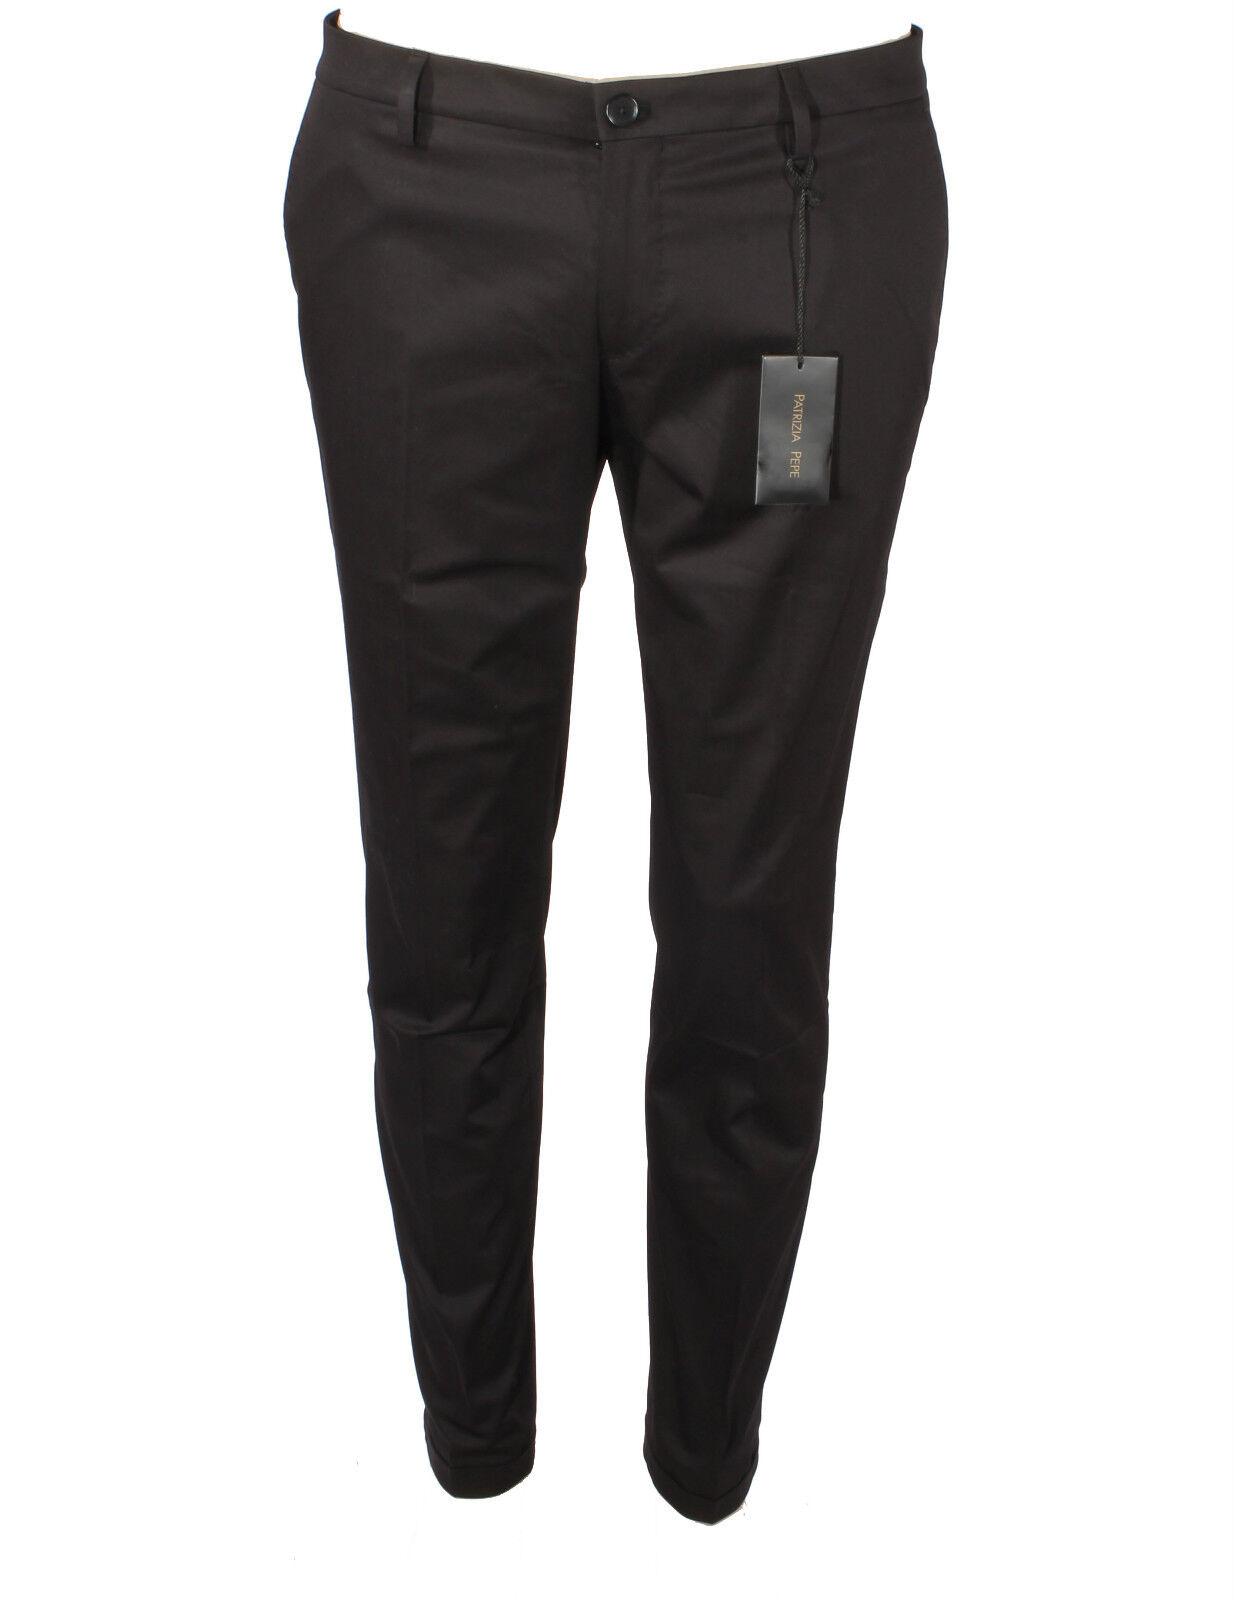 Pantalones de hombre algodón P V PATRIZIA PEPE Delgado black vinilo 5P0402